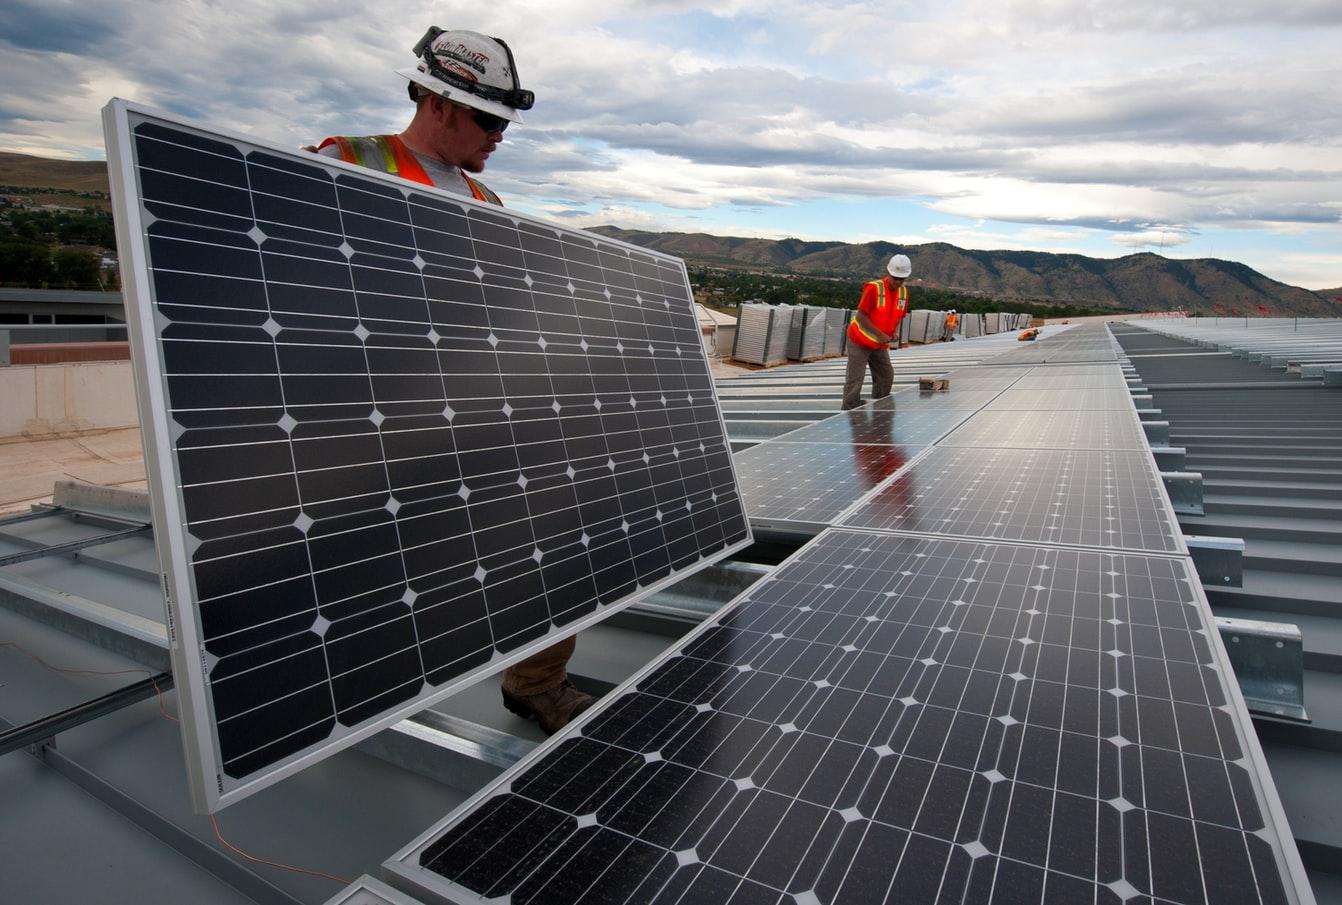 Solar-panel-installation-in-San-Bernardino